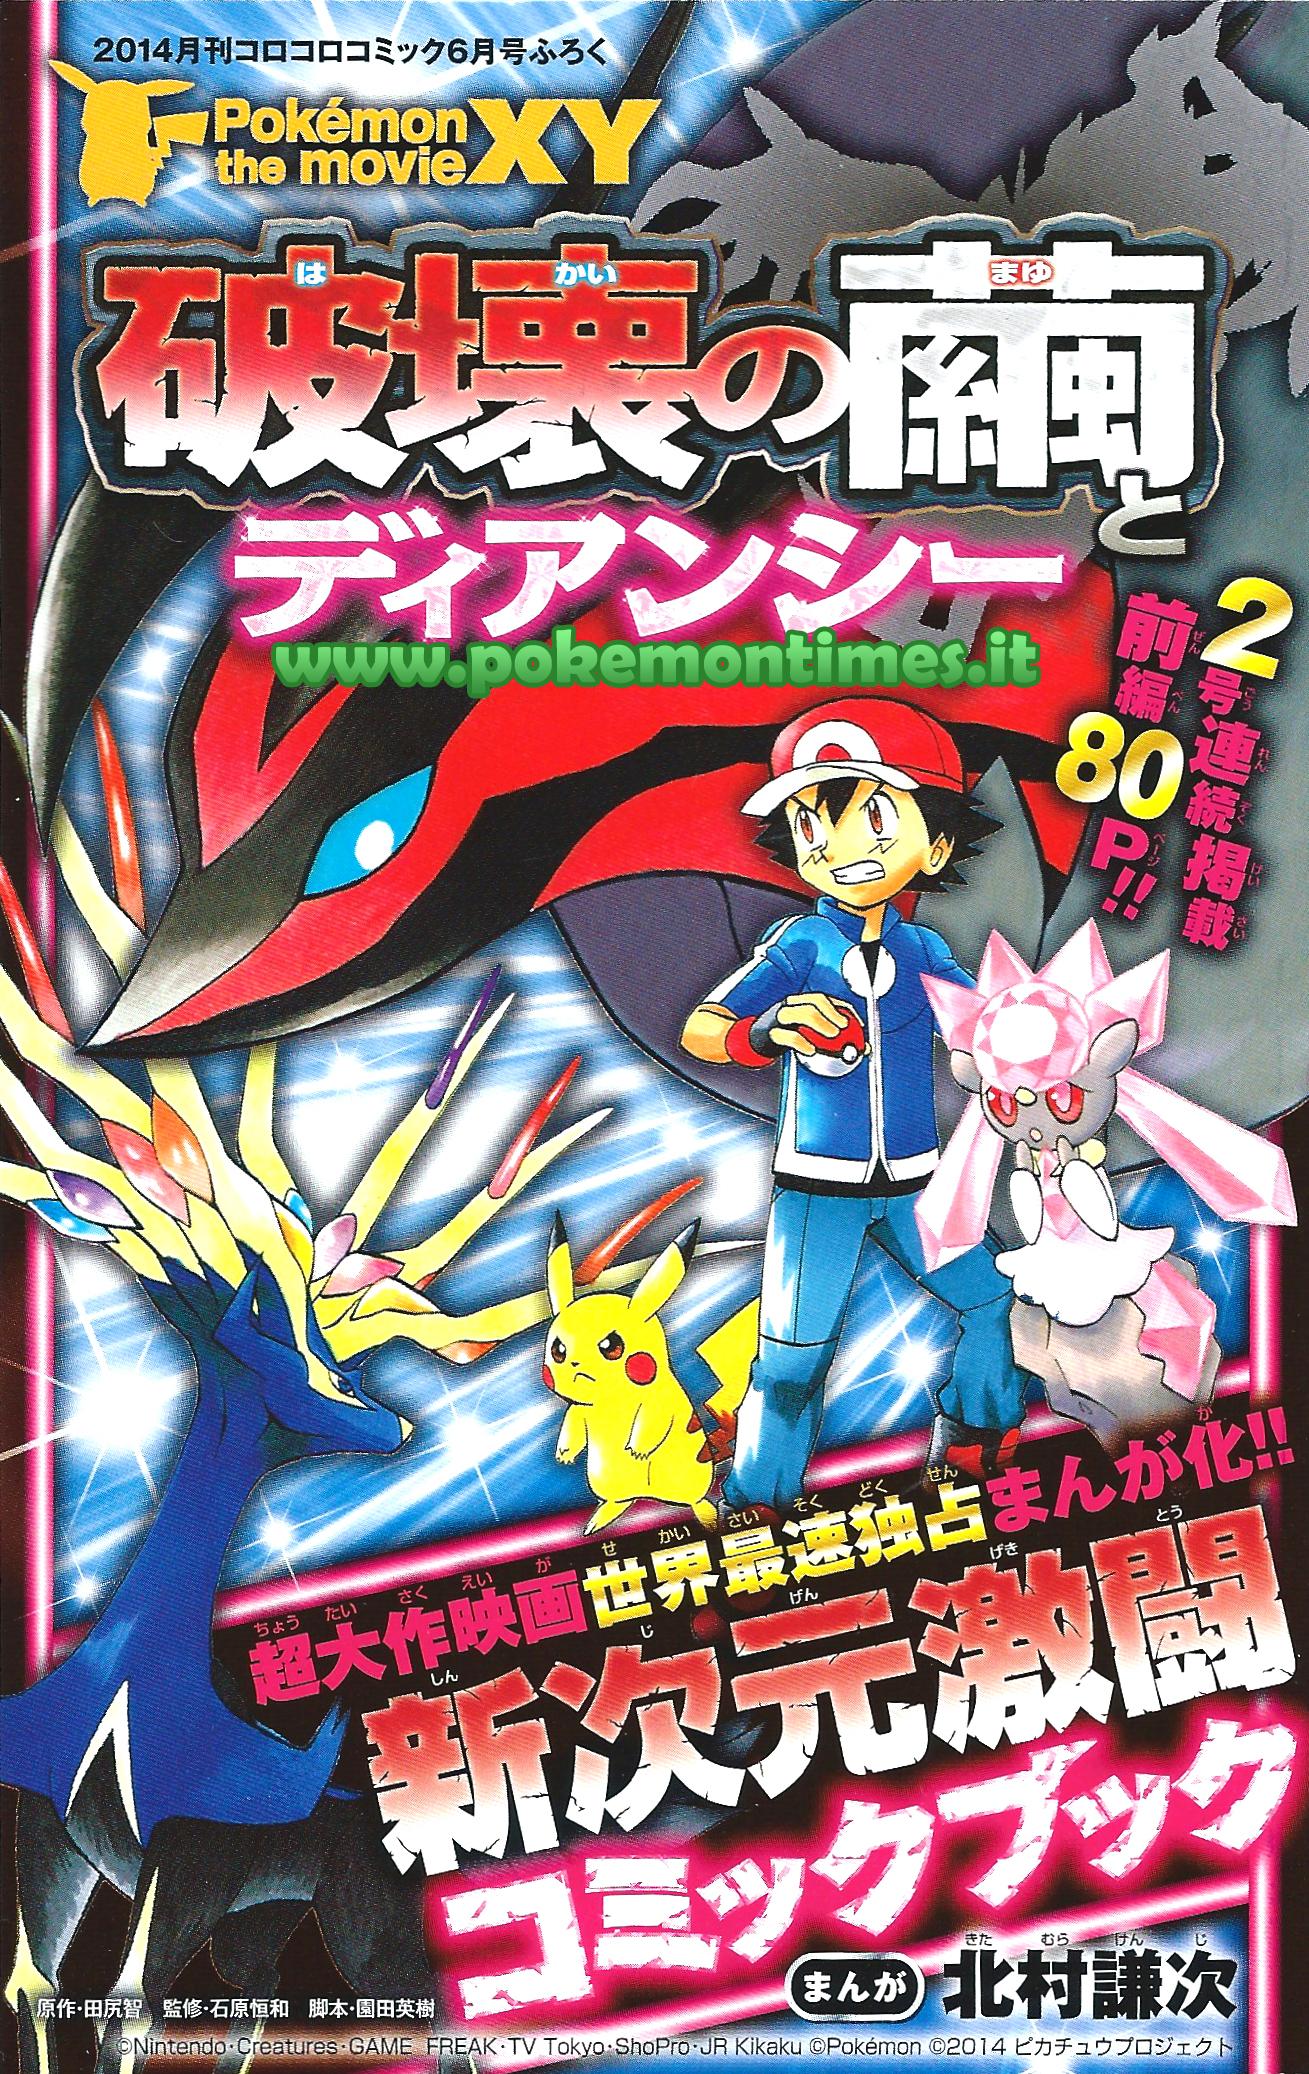 copertina_manga_diancie_e_il_bozzolo_della_distruzione_pokemontimes-it